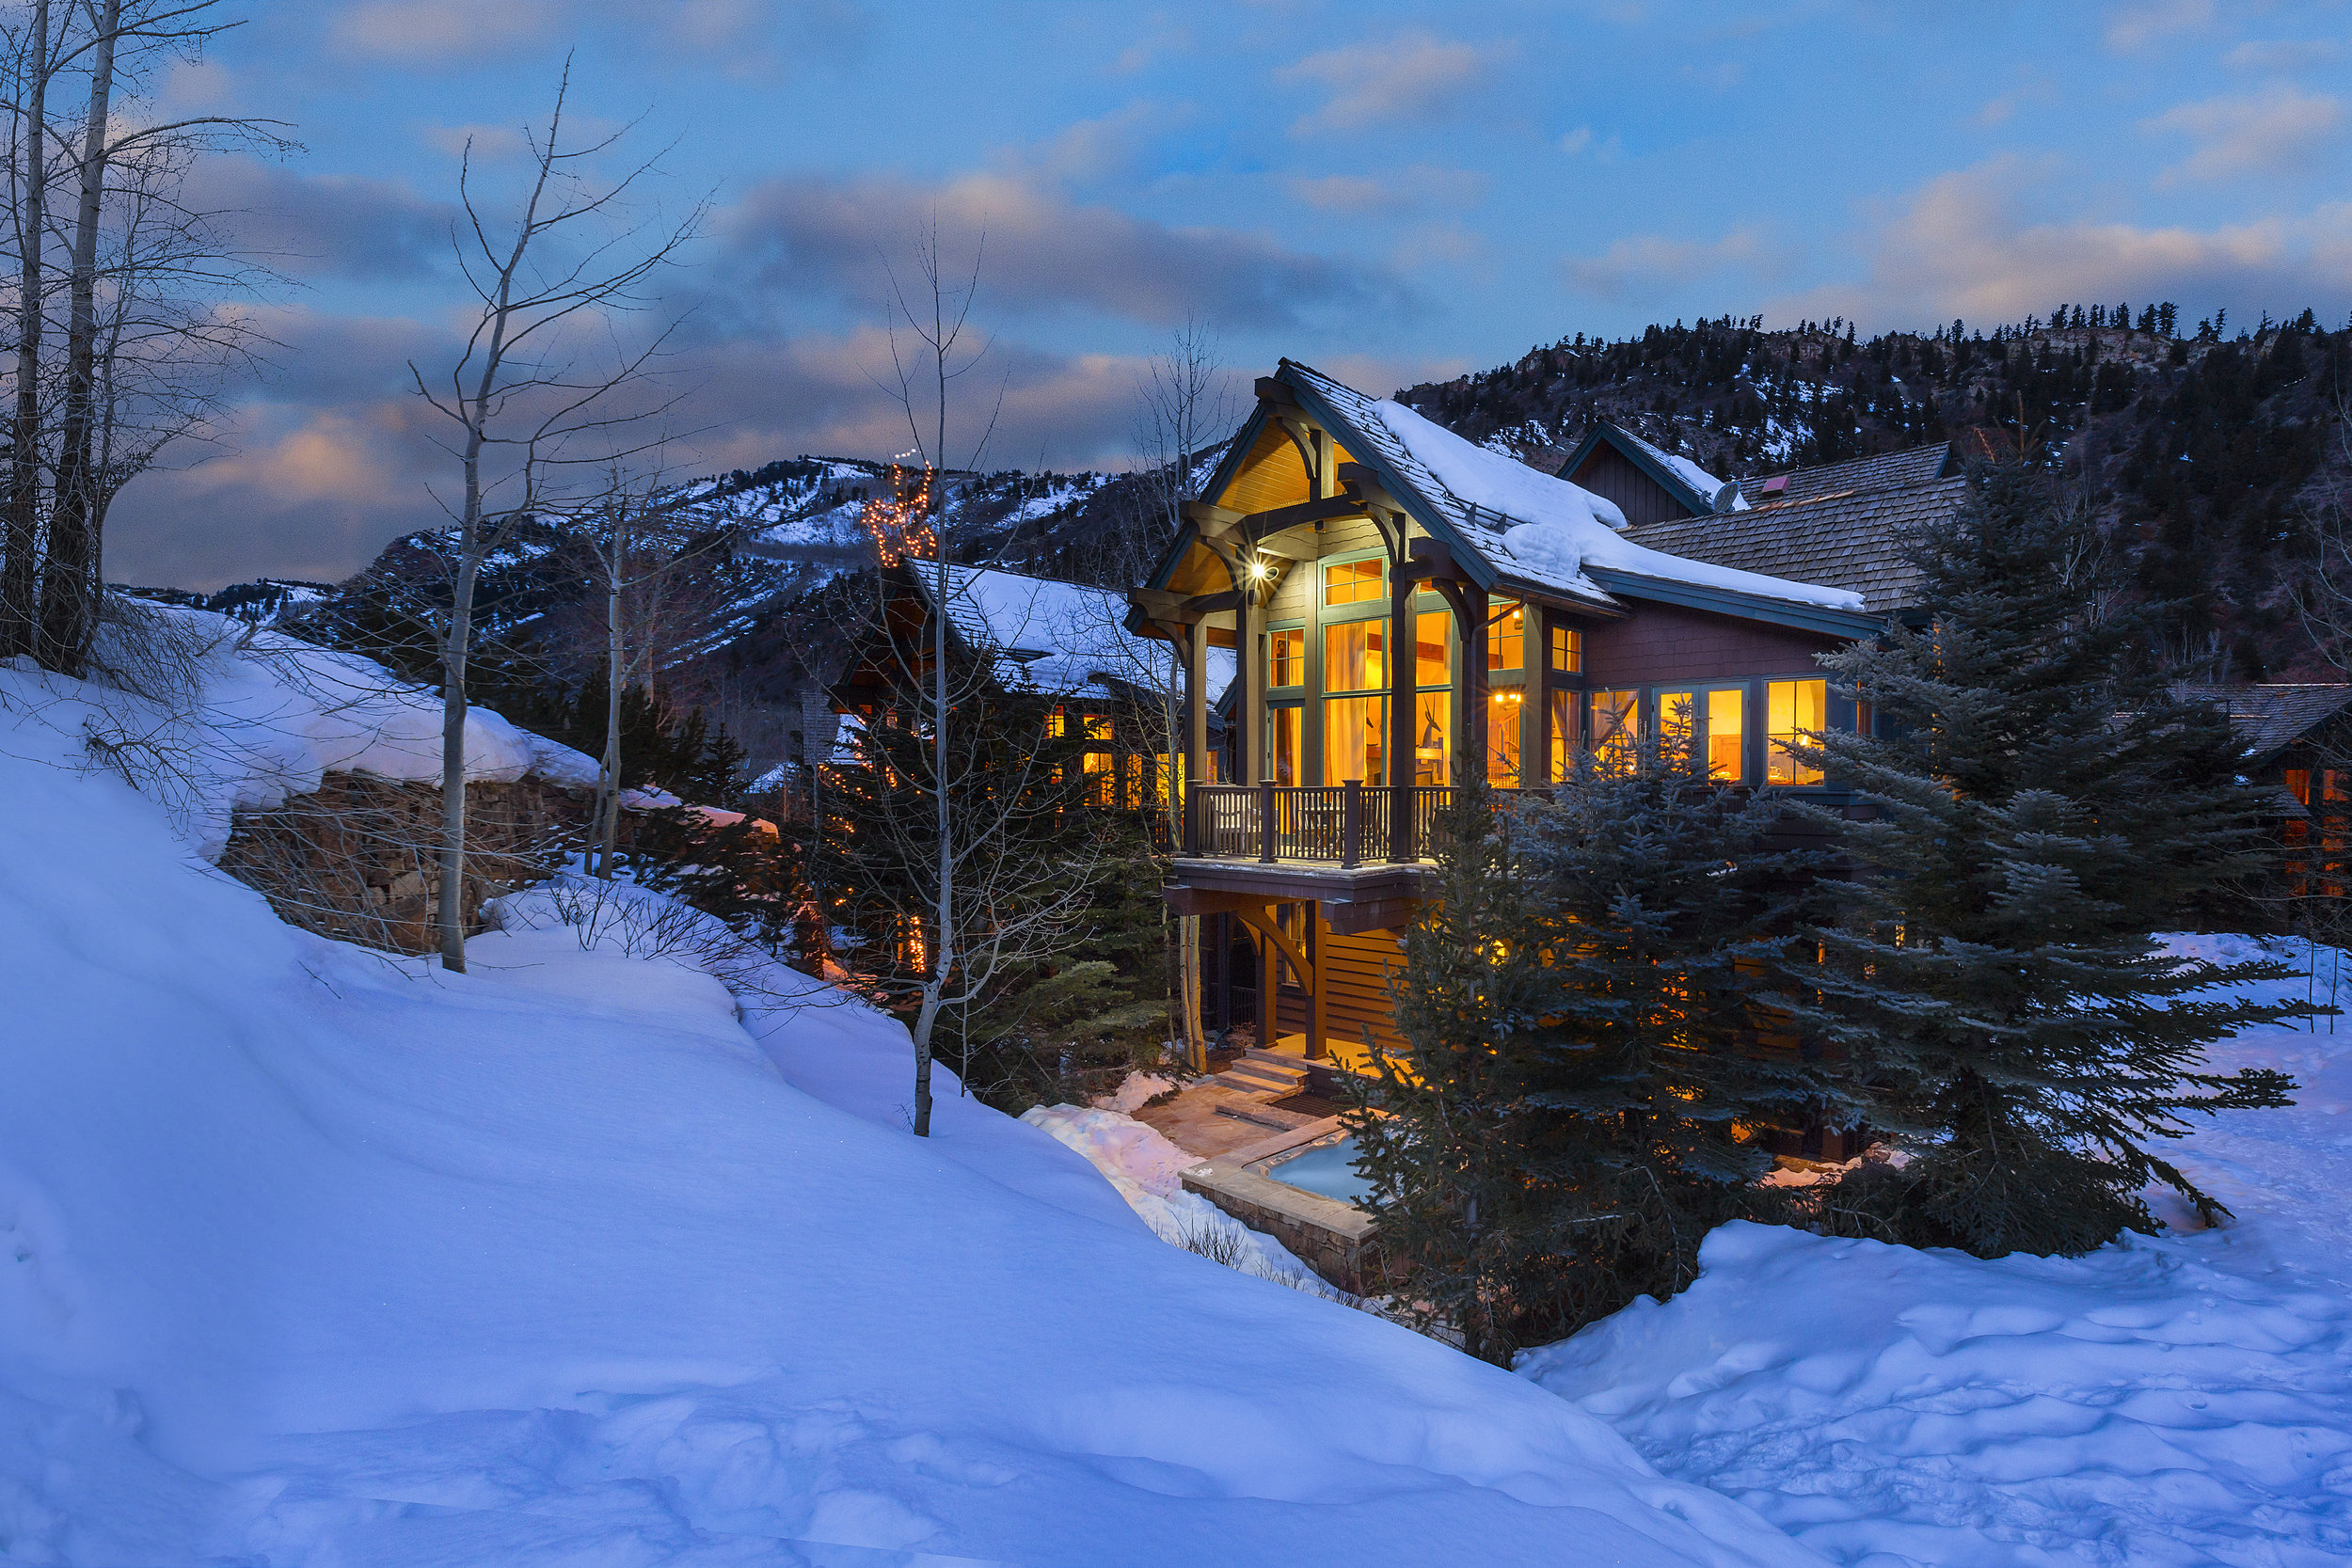 Inspirato_Destination_Aspen_Residence_Steinway.jpg